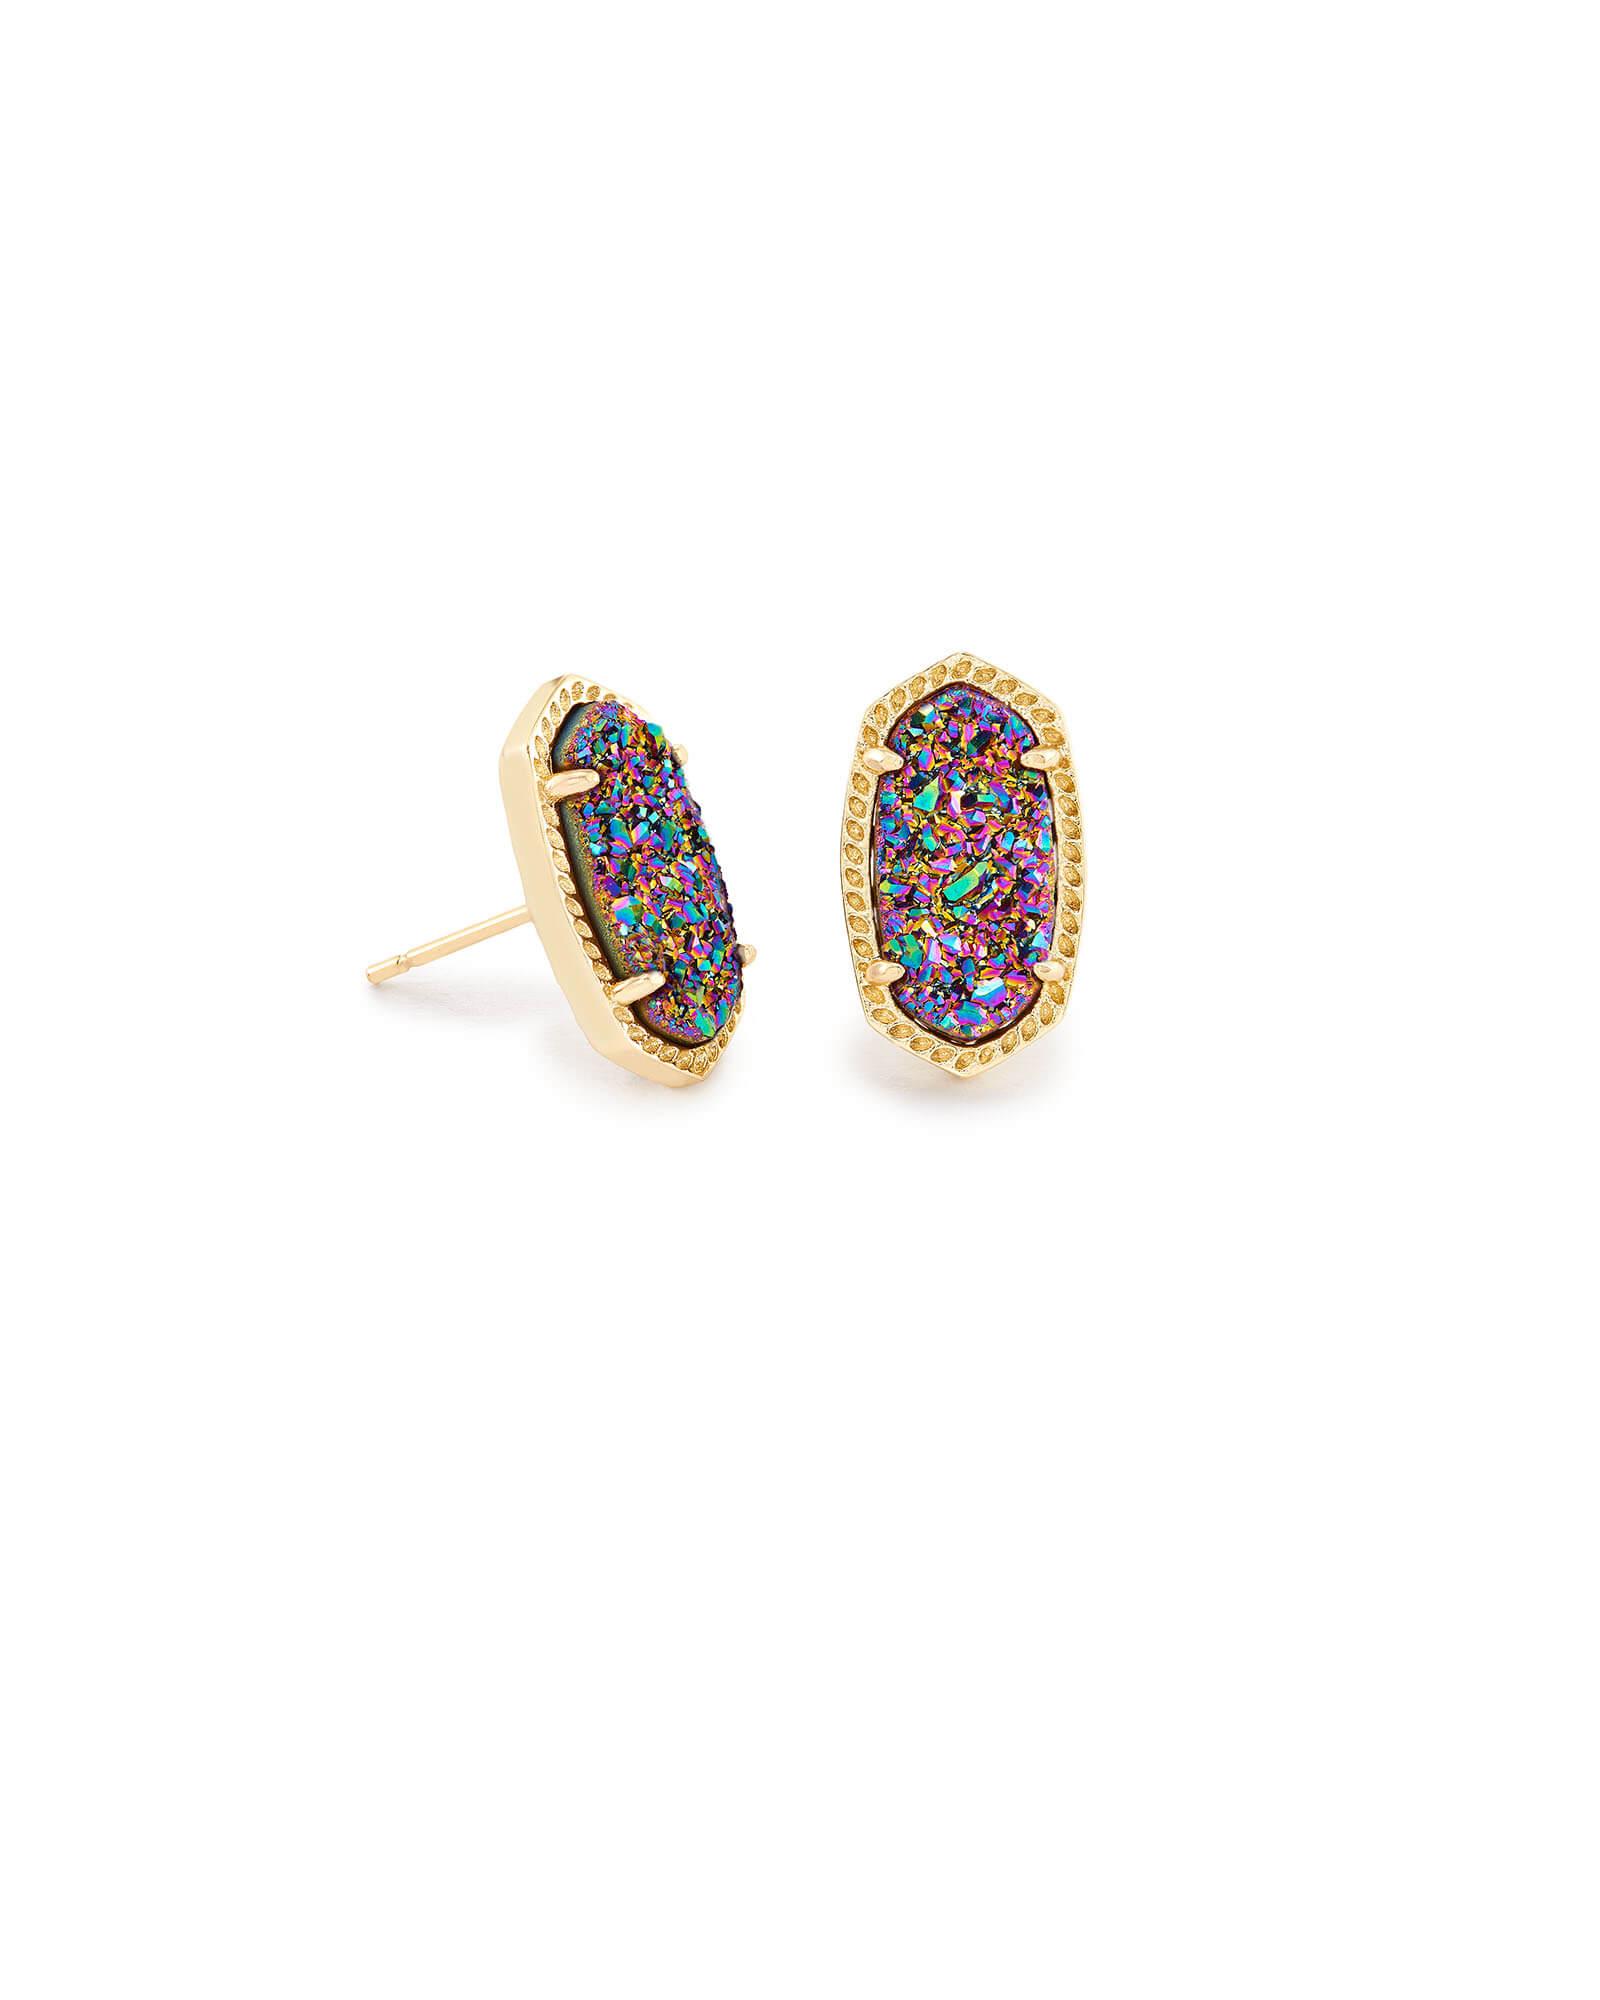 e8914673612af Ellie Gold Stud Earrings in Multicolor Drusy   Kendra Scott